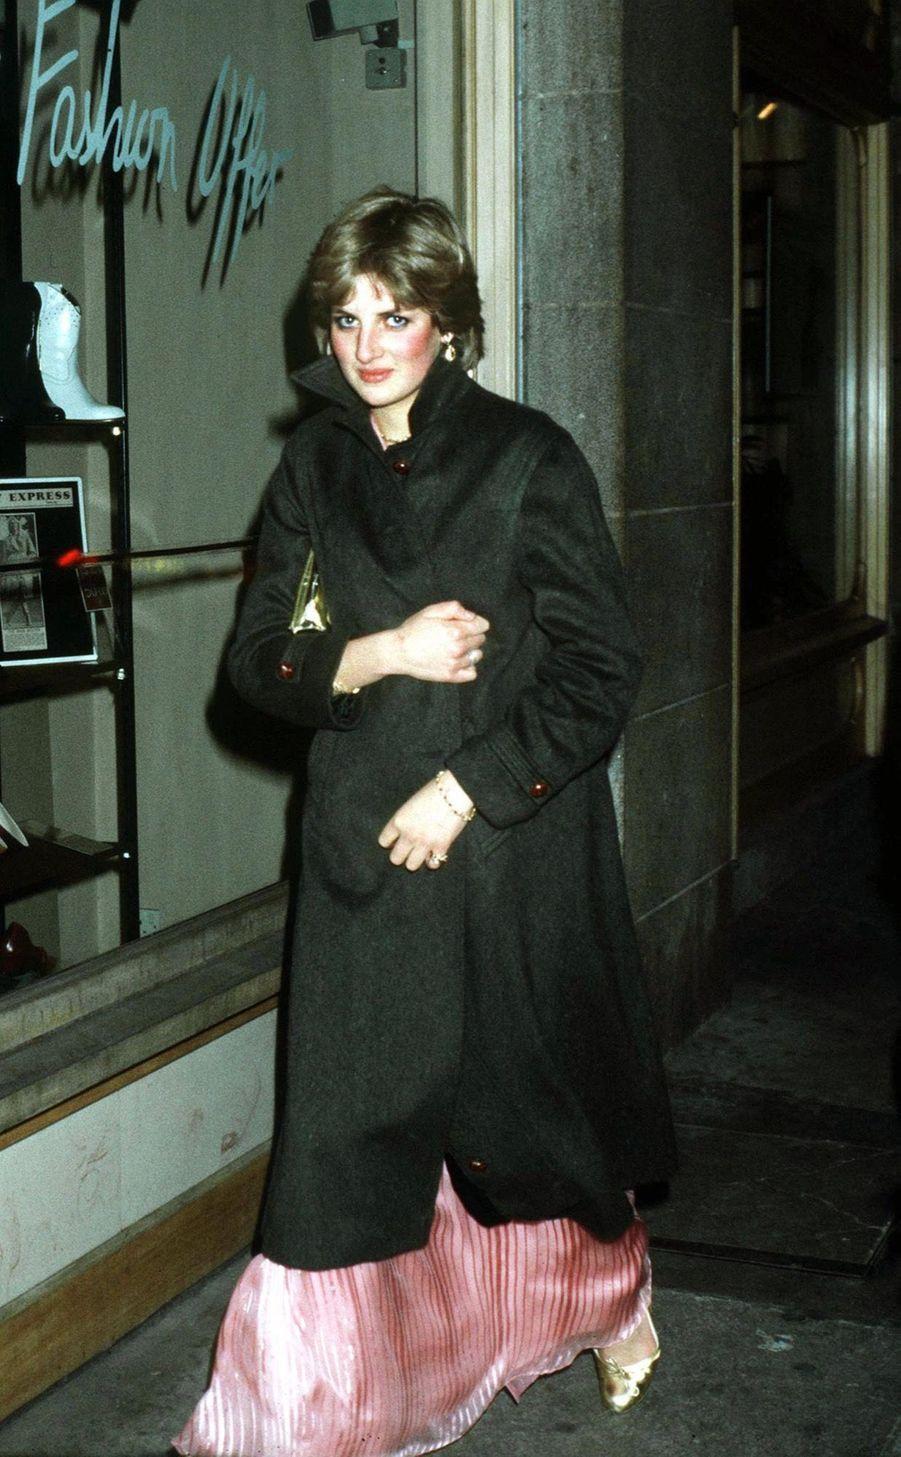 Diana Spencer, photographiée par Jayne Fincher, quitte le Ritz de Londres, après avoir assisté à la fête du 50ème anniversaire de la Princesse Margaret, le 5 novembre 1980. Il s'agit de l'une des toutes premières photos prises après le début de sa relation amoureuse avec le prince Charles.